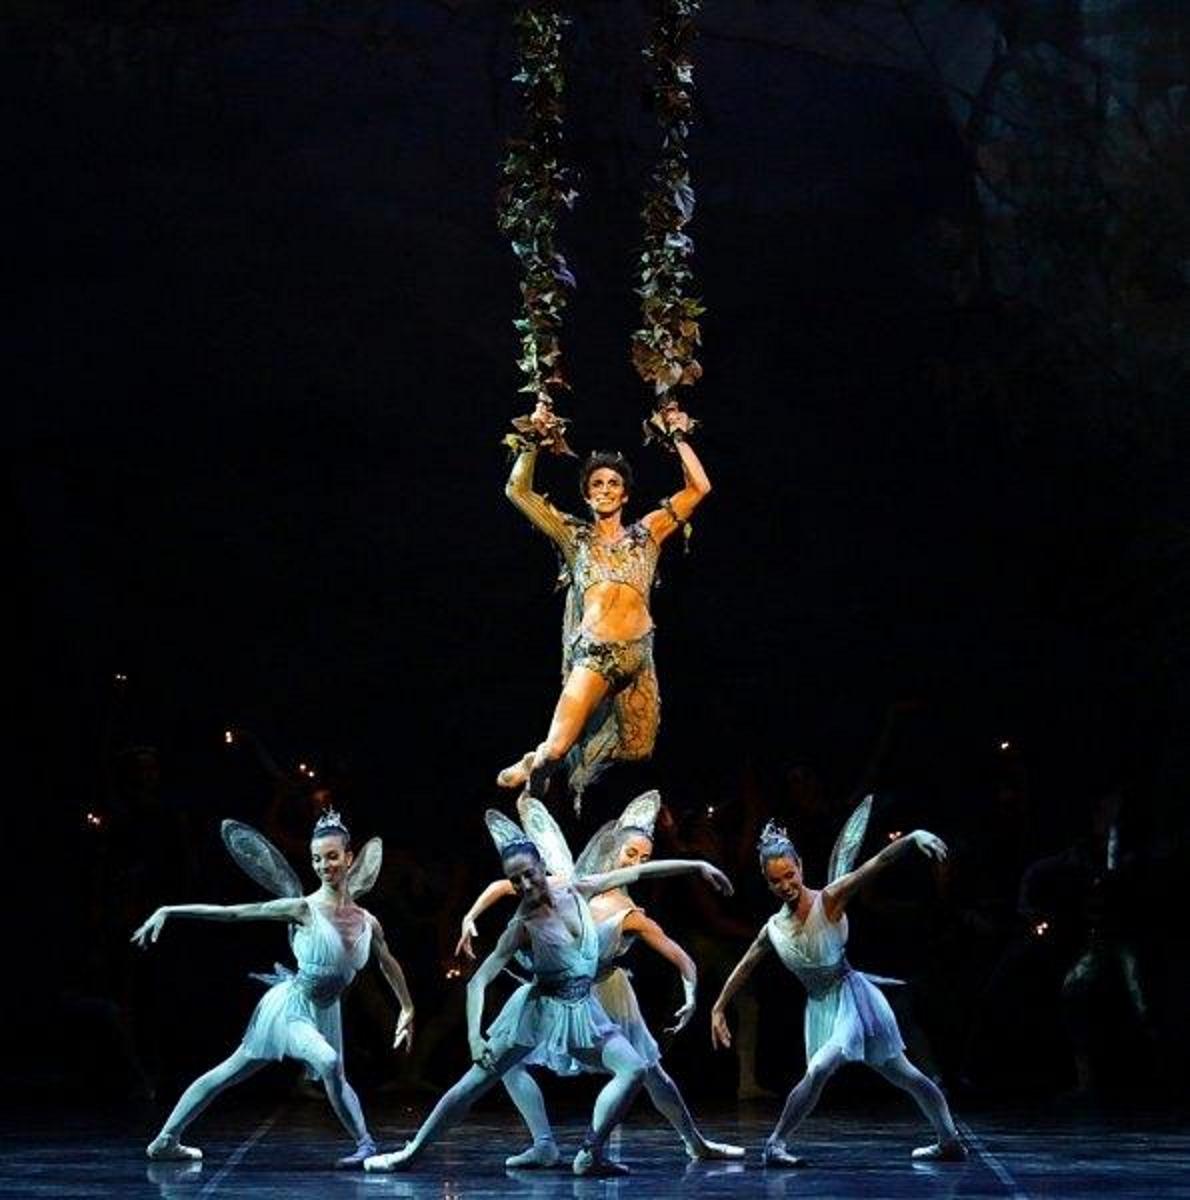 Sogno di una notte di mezza estate, coreografia George Balanchine © The George Balanchine Trust, photo Marco Brescia e Rudy Amisano, Teatro alla Scala, Milano